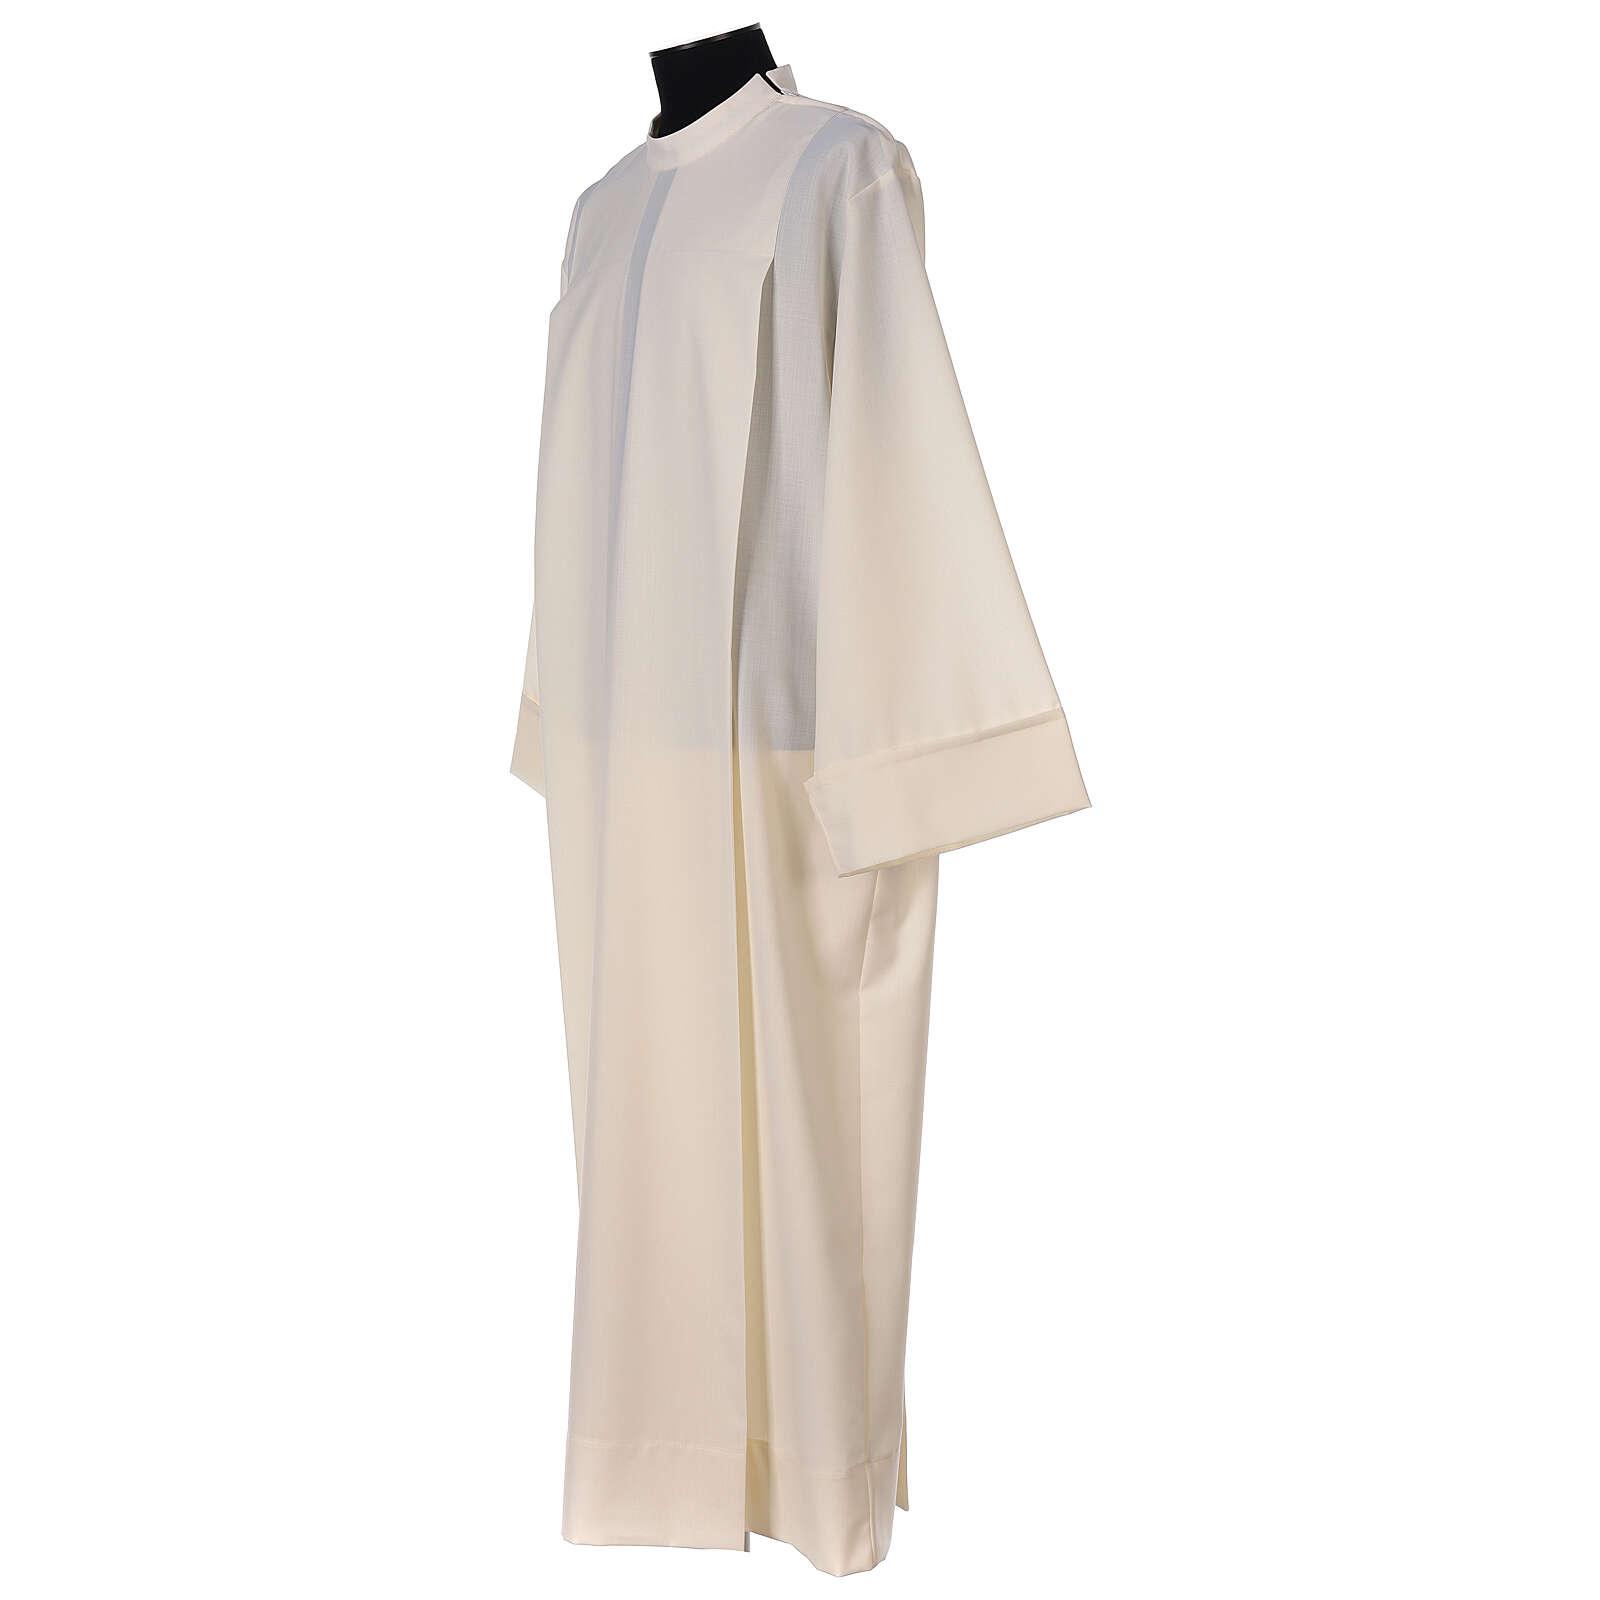 Aube ivoire 55% polyester 45% laine deux plis fermeture épaule 4